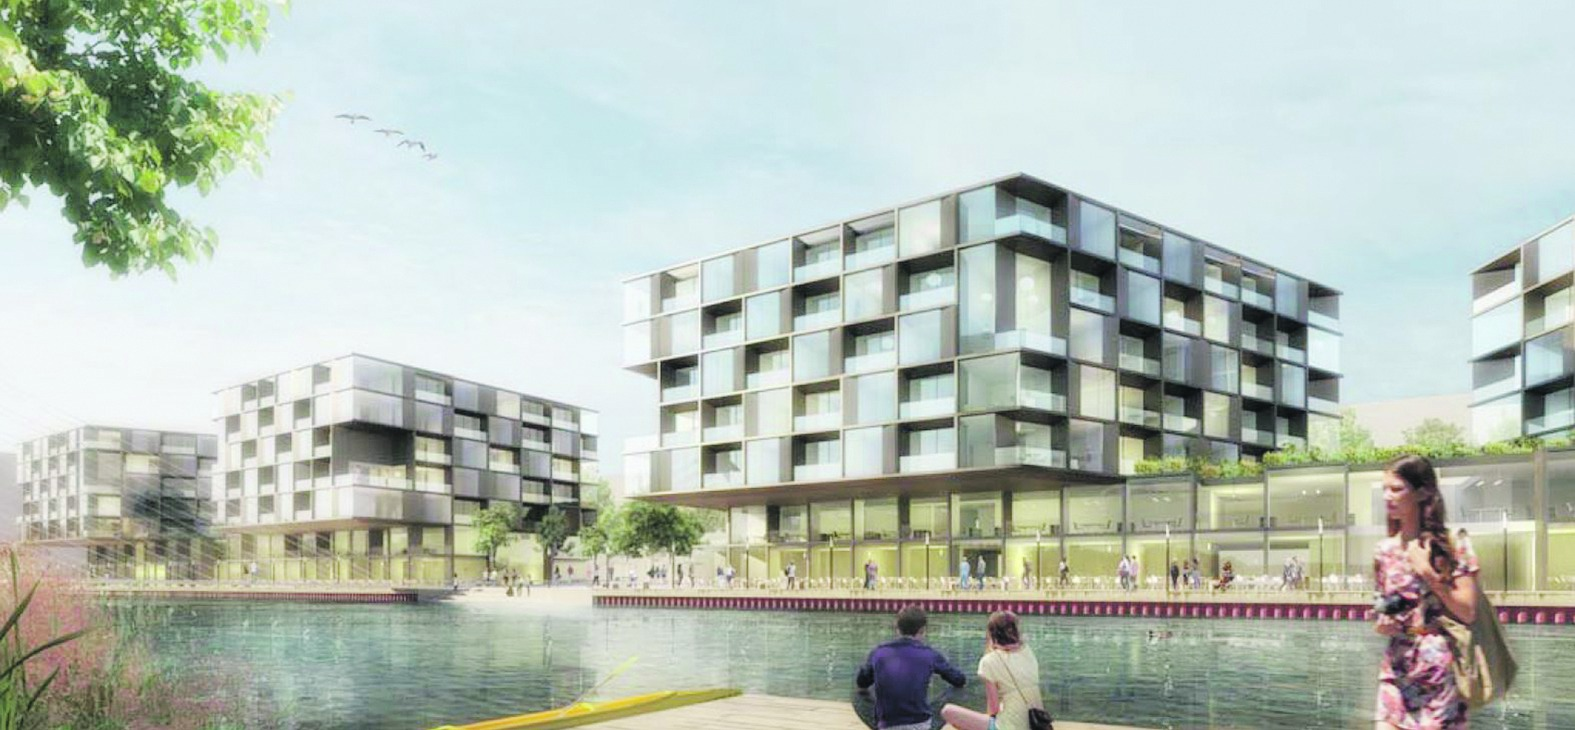 Architekt Sindelfingen bb heute der erste entwurf für die seepromenade